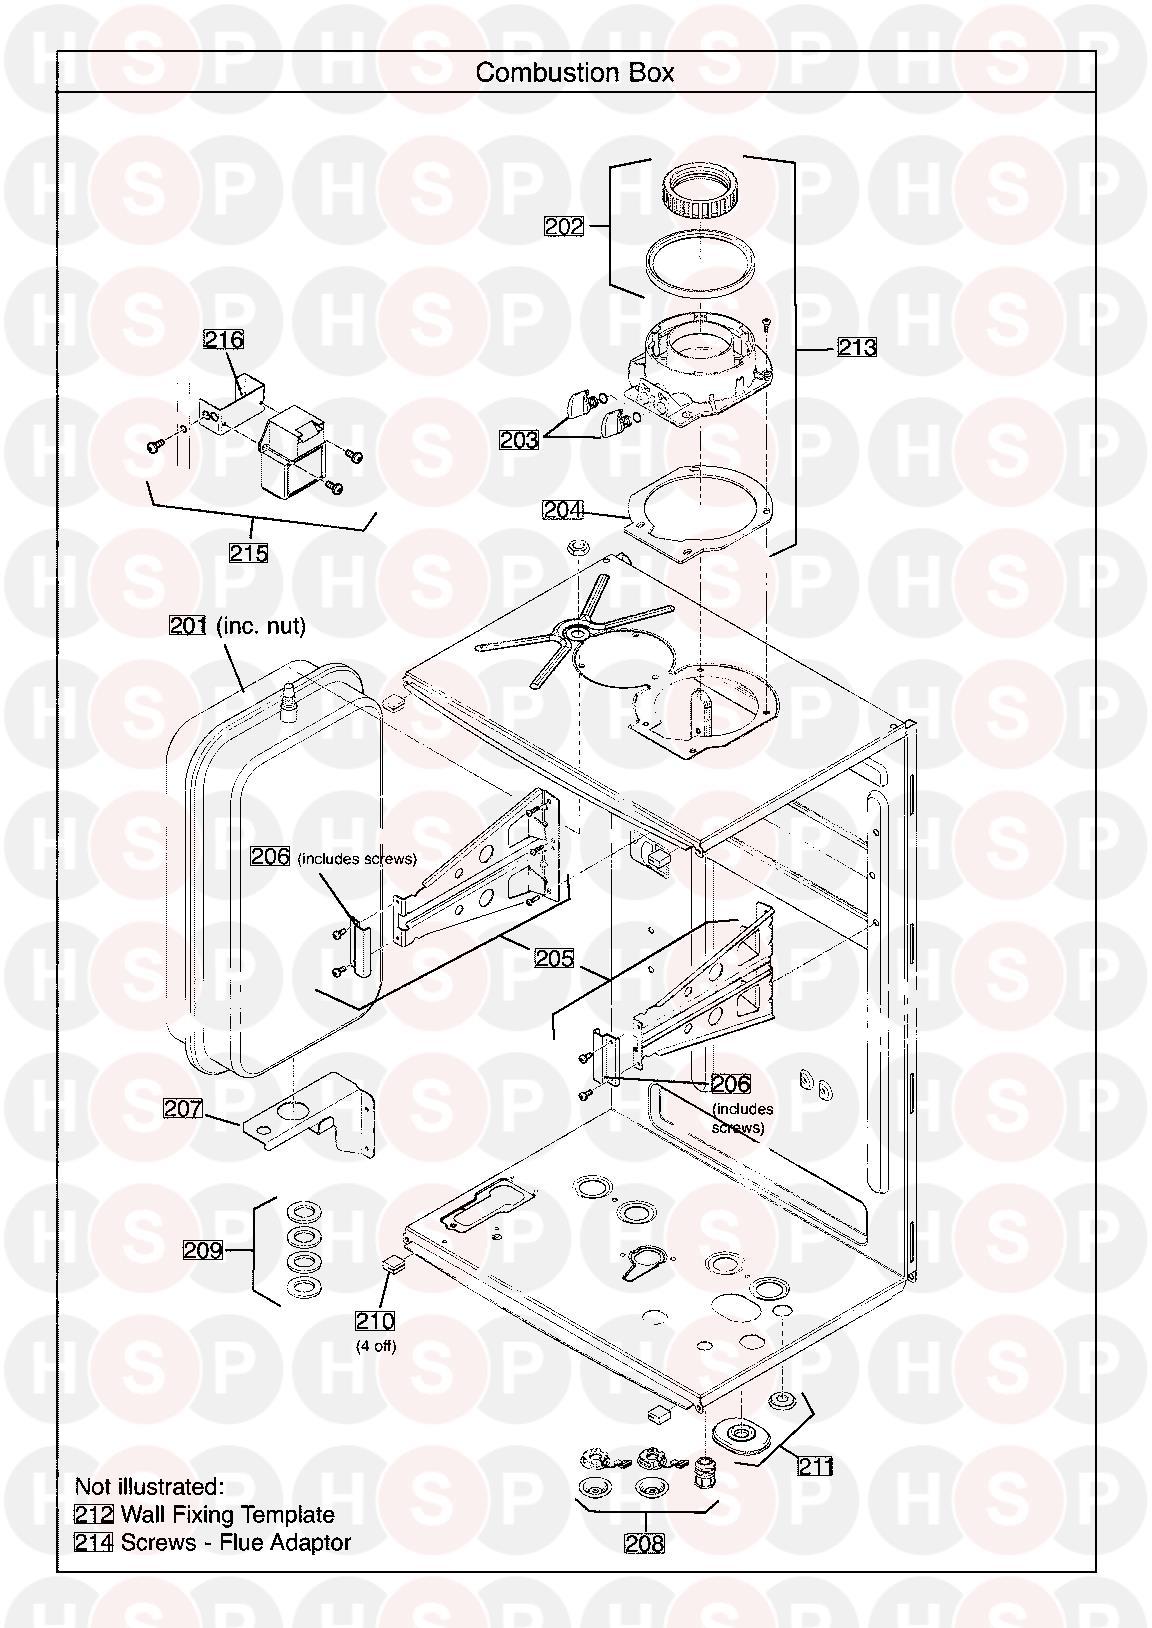 Baxi ADVANCE COMBI 24 ERP (COMBUSTION BOX) Diagram